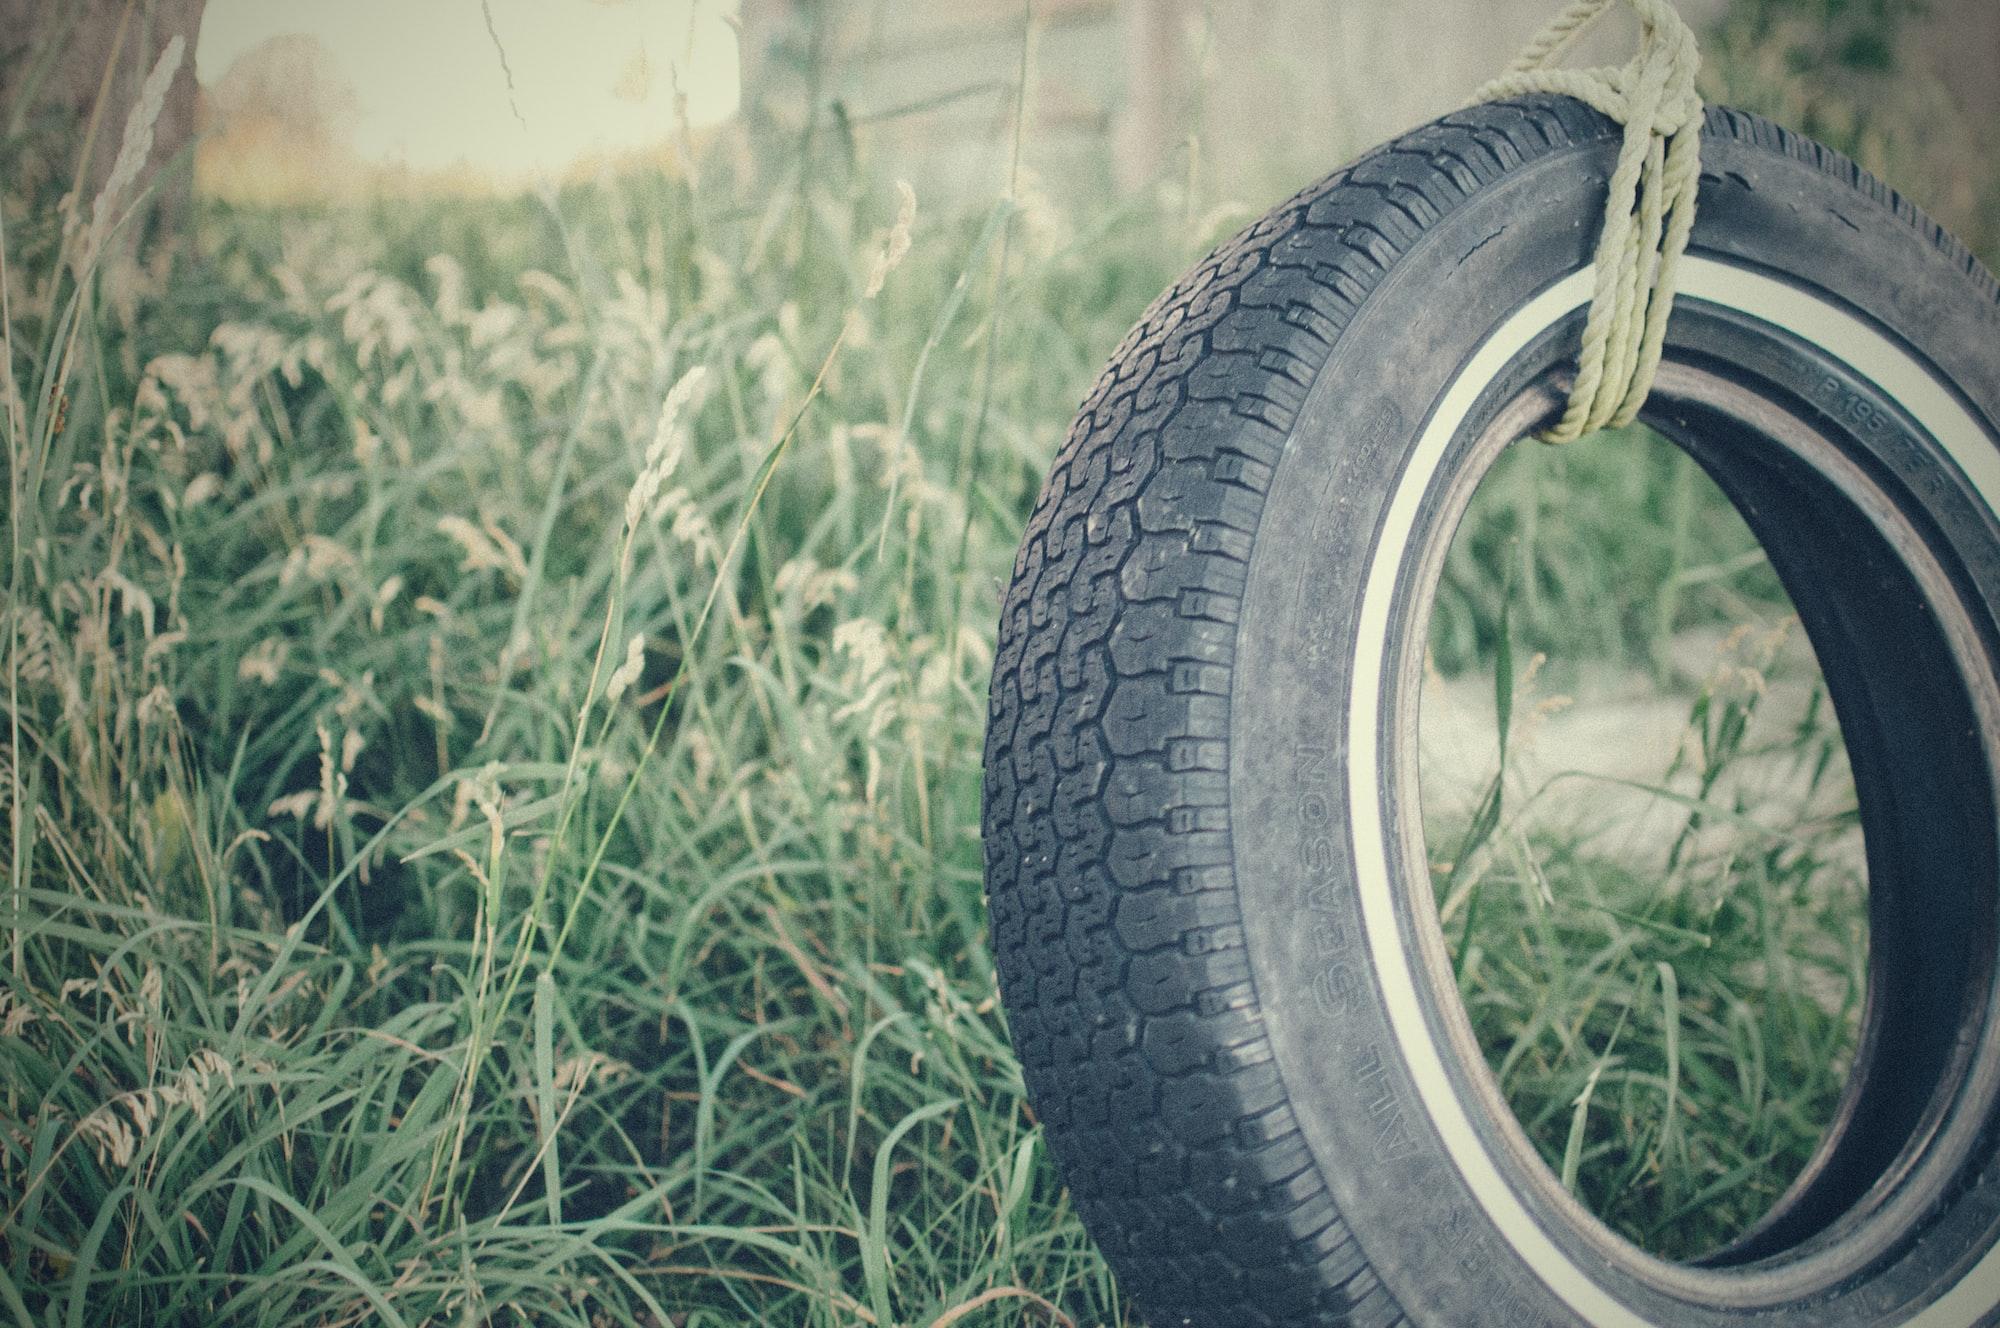 車のタイヤパンク:原因と修理方法